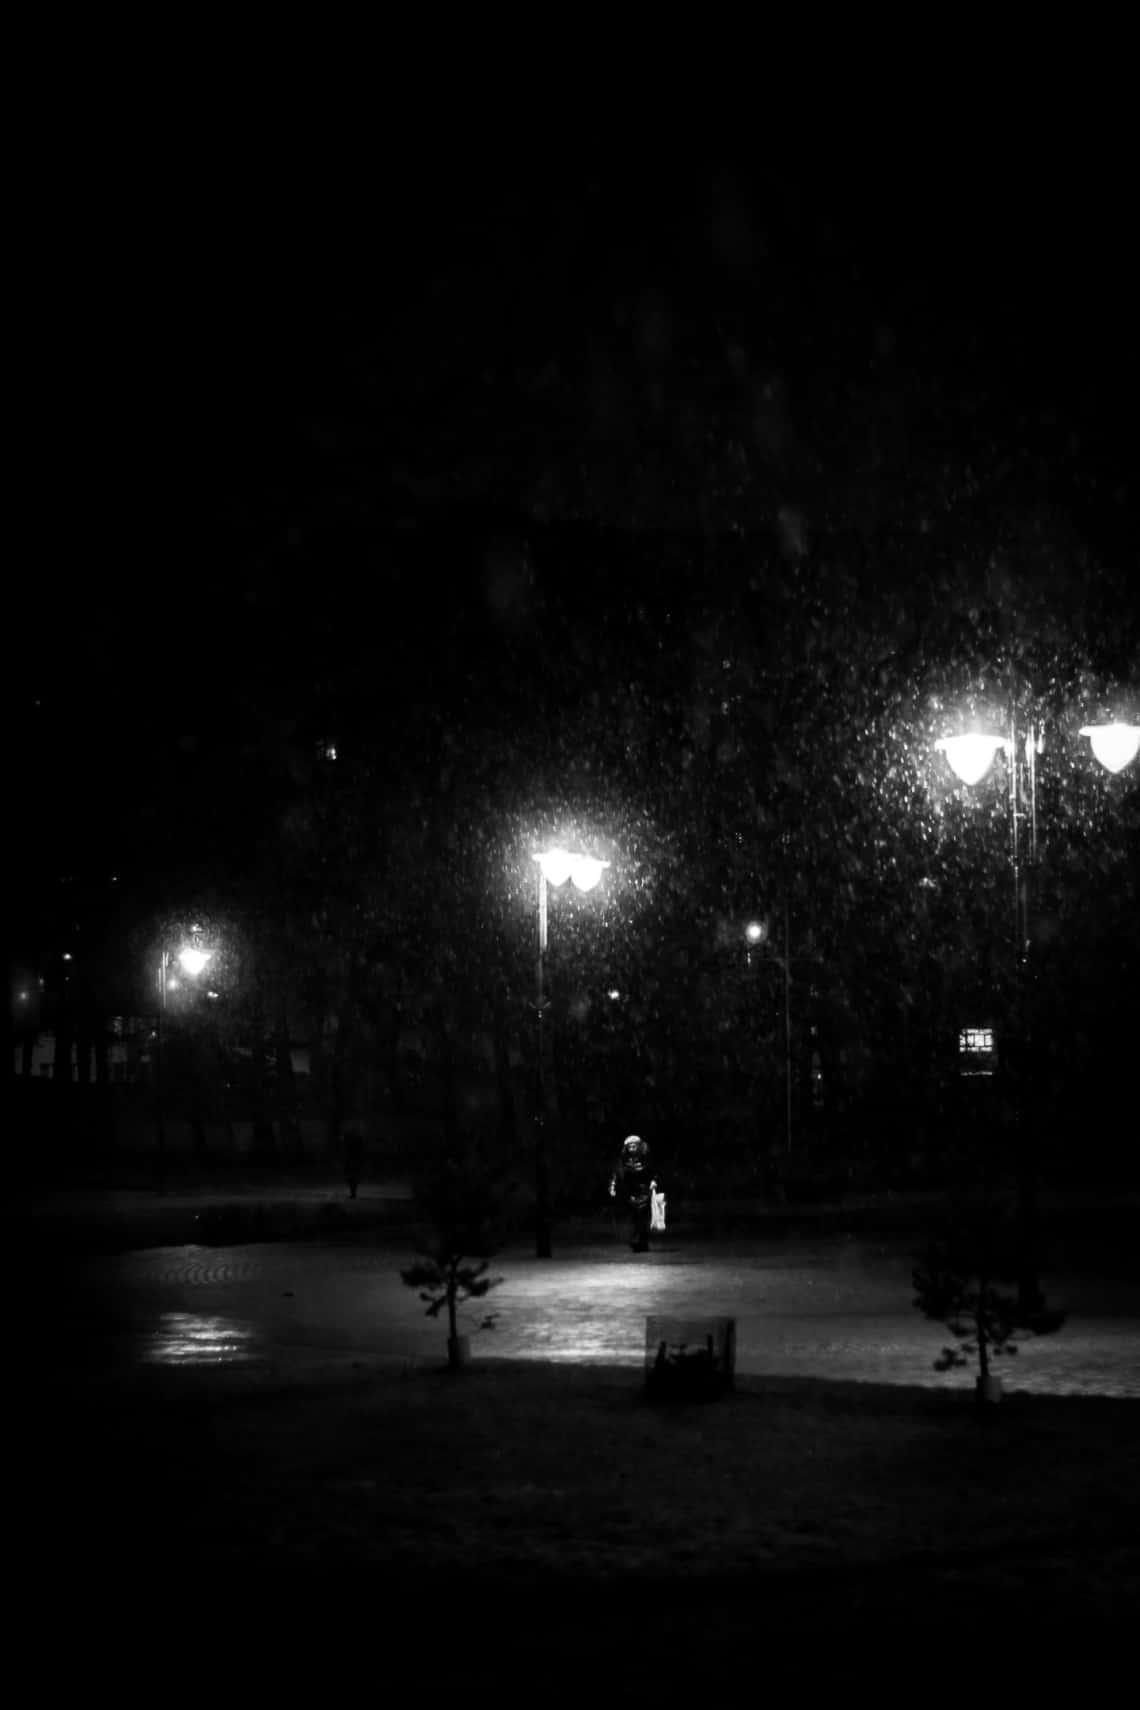 Fotografia uliczna - zakupy w deszczu